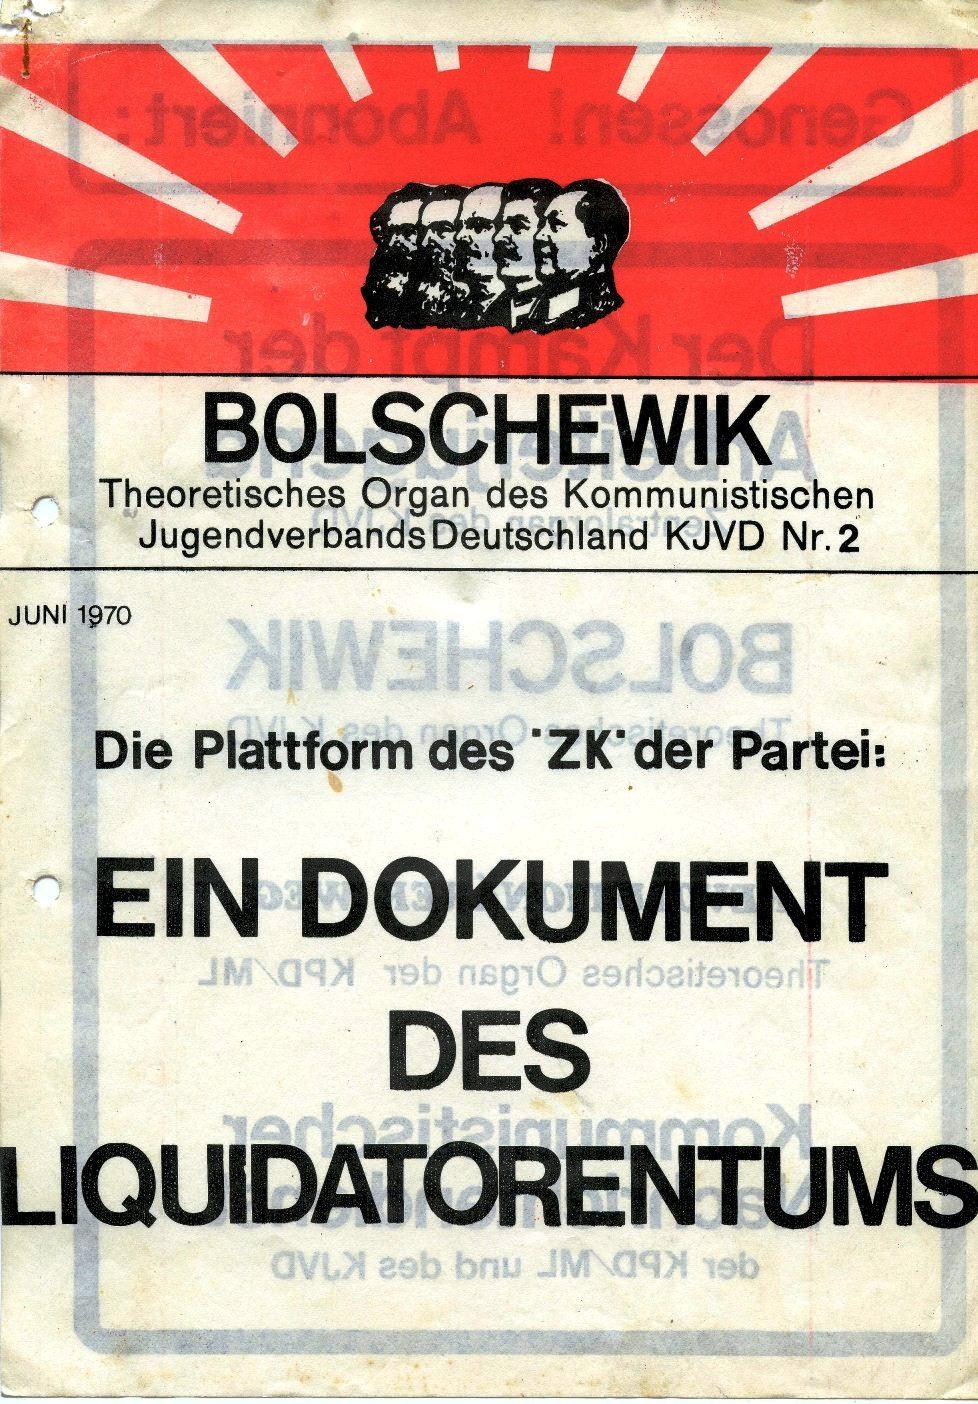 RG_Bolschewik_1970_02_001